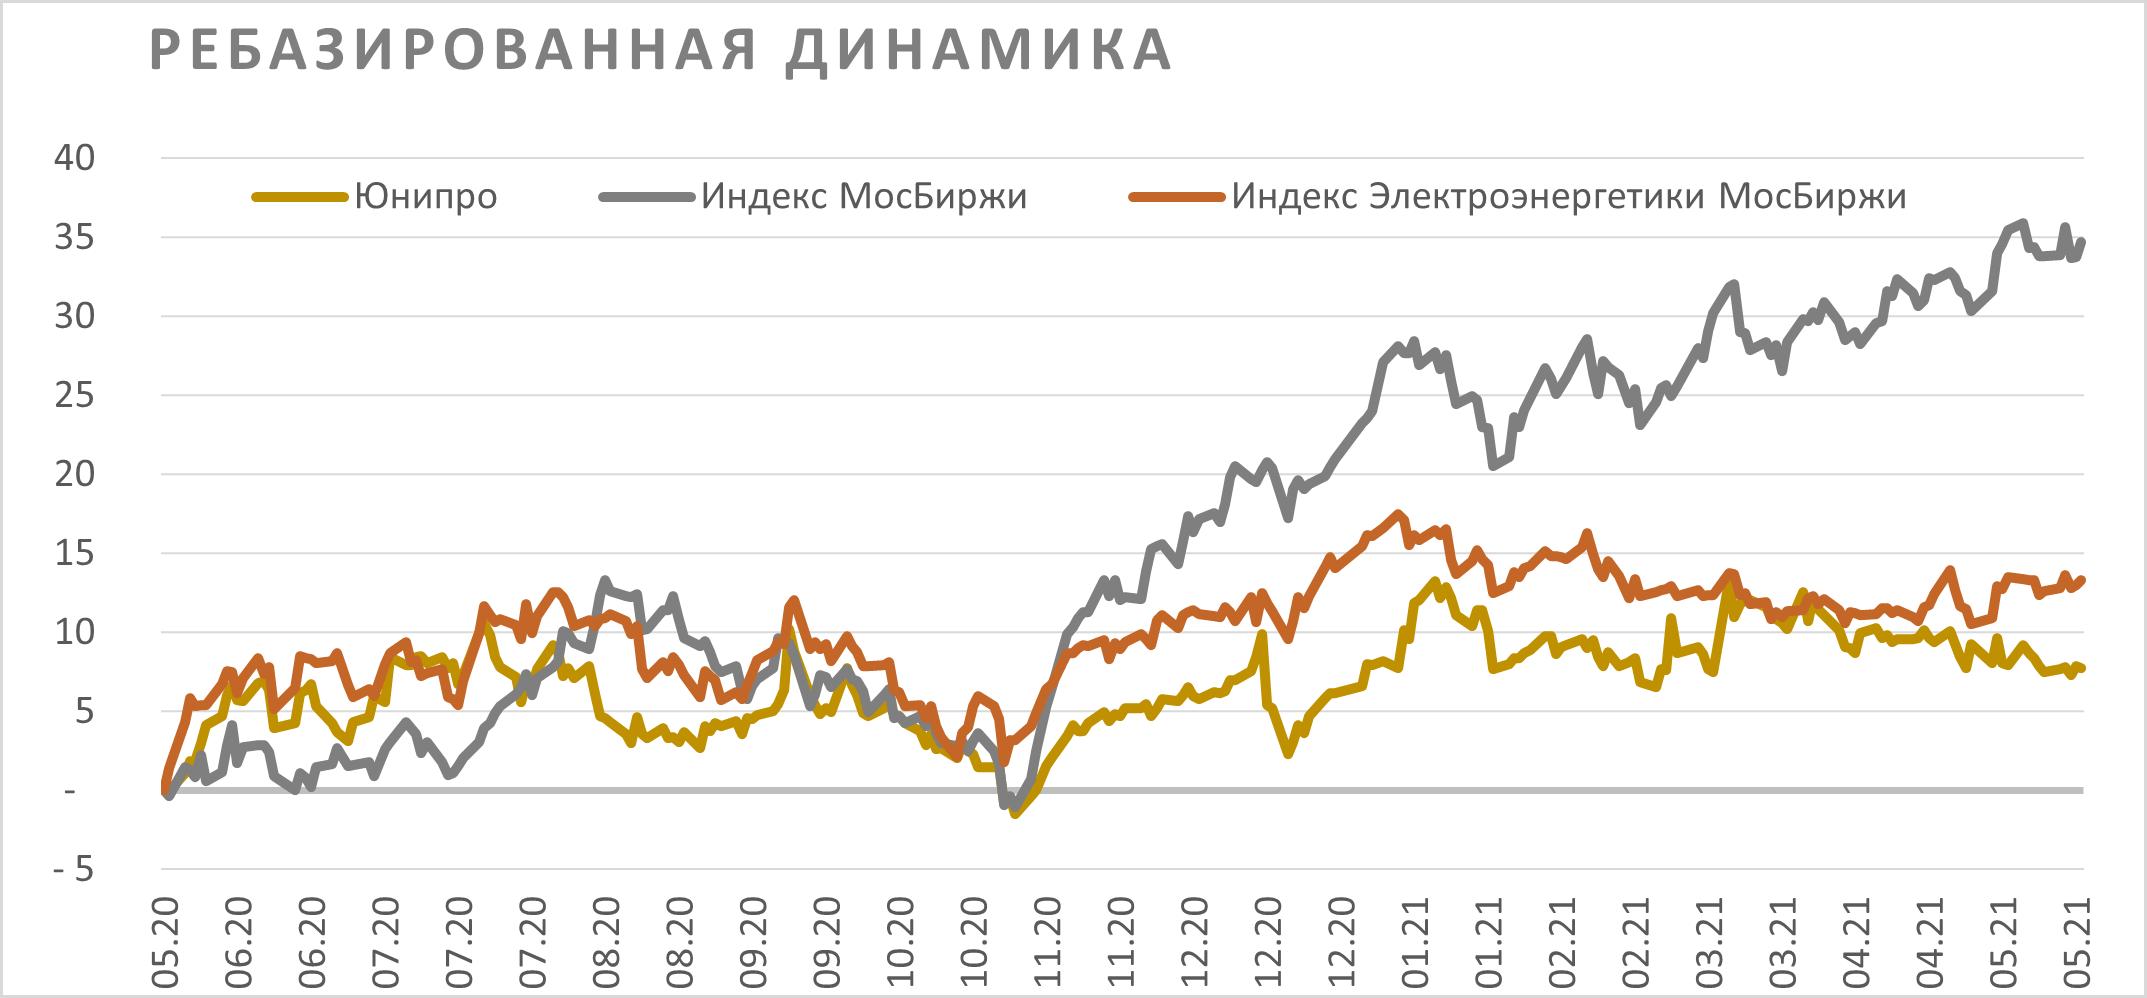 Акции Юнипро на фондовом рынке